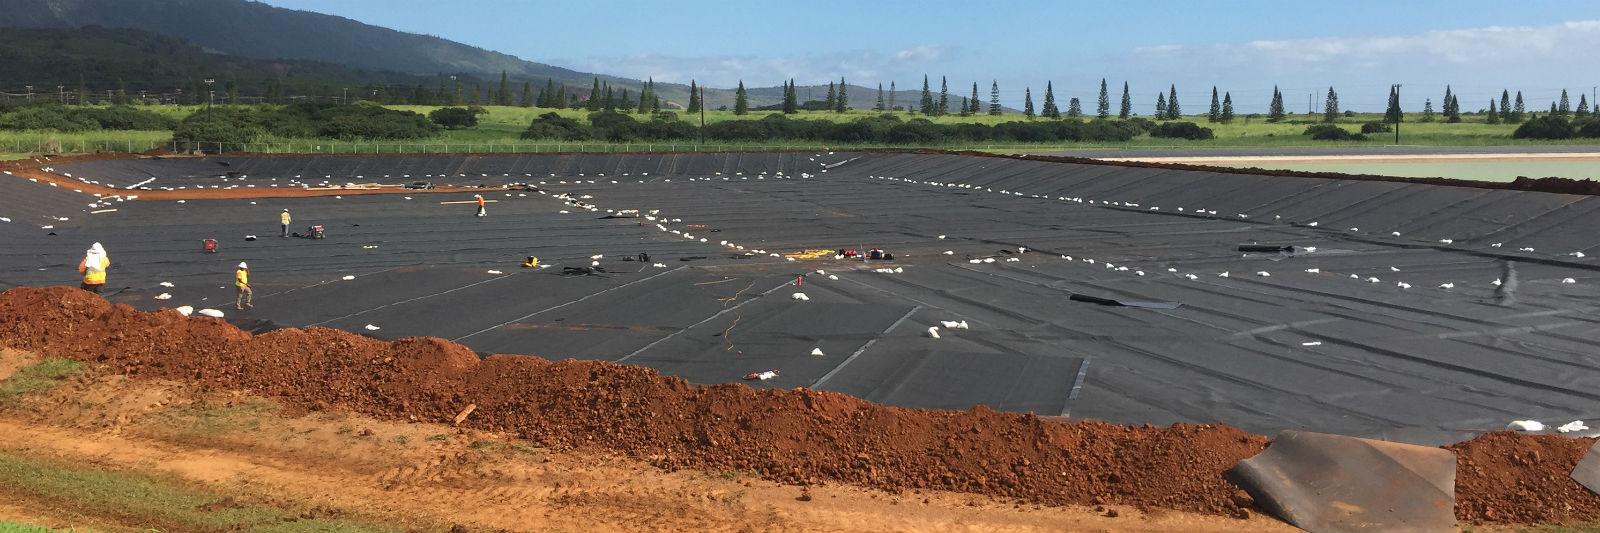 Lanai-Wastewater-Reclamation-Facility.jpg